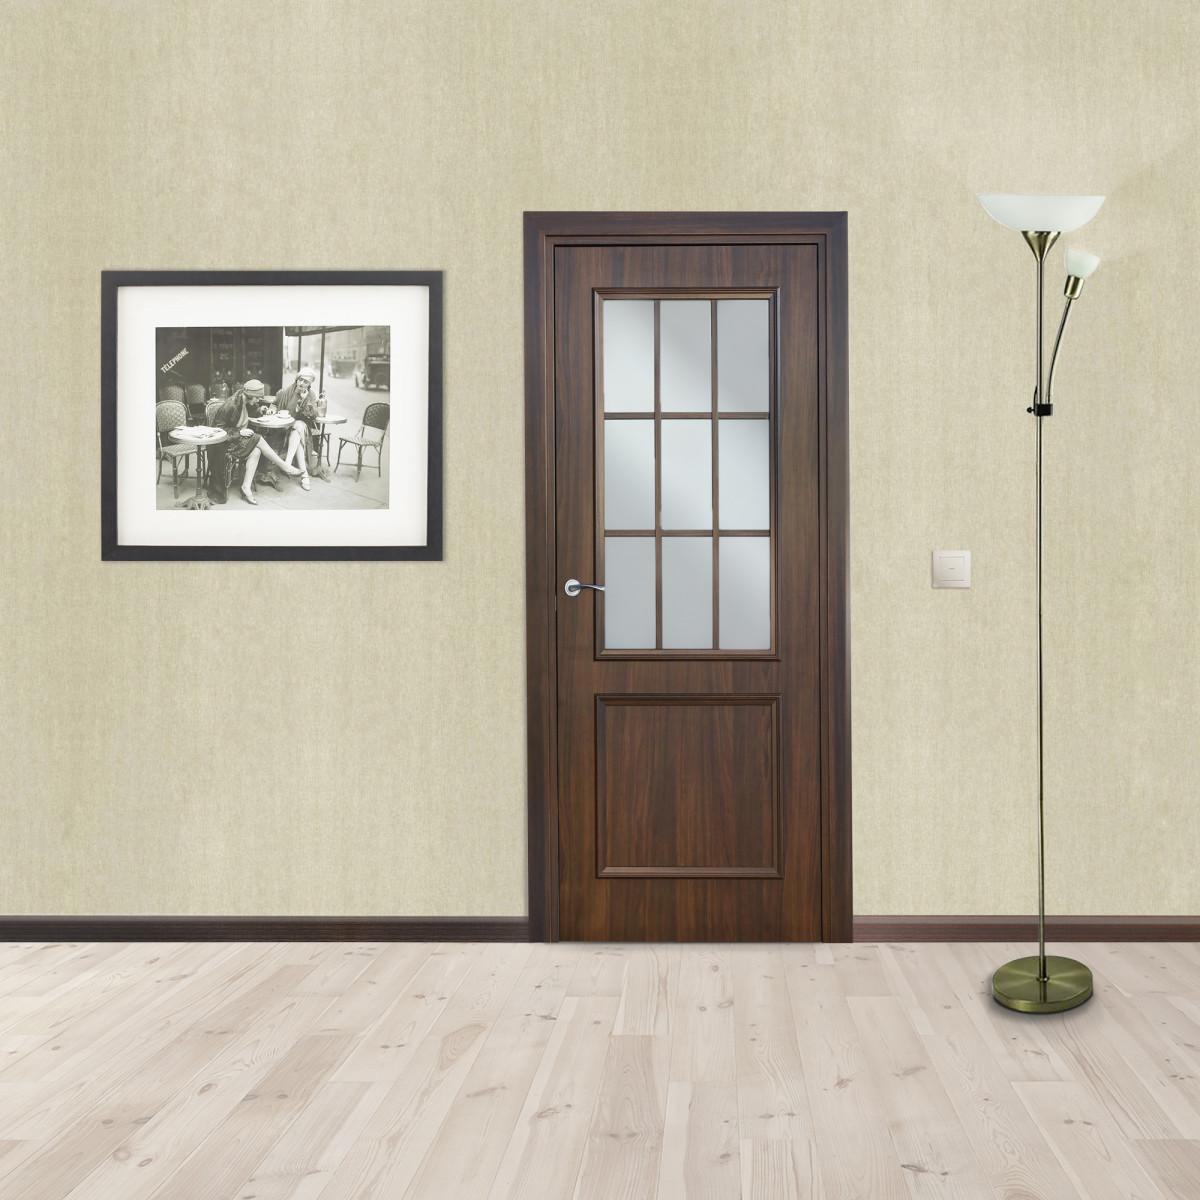 Дверь Межкомнатная Остеклённая Altro 60x200 Ламинация Цвет Орех Марроне